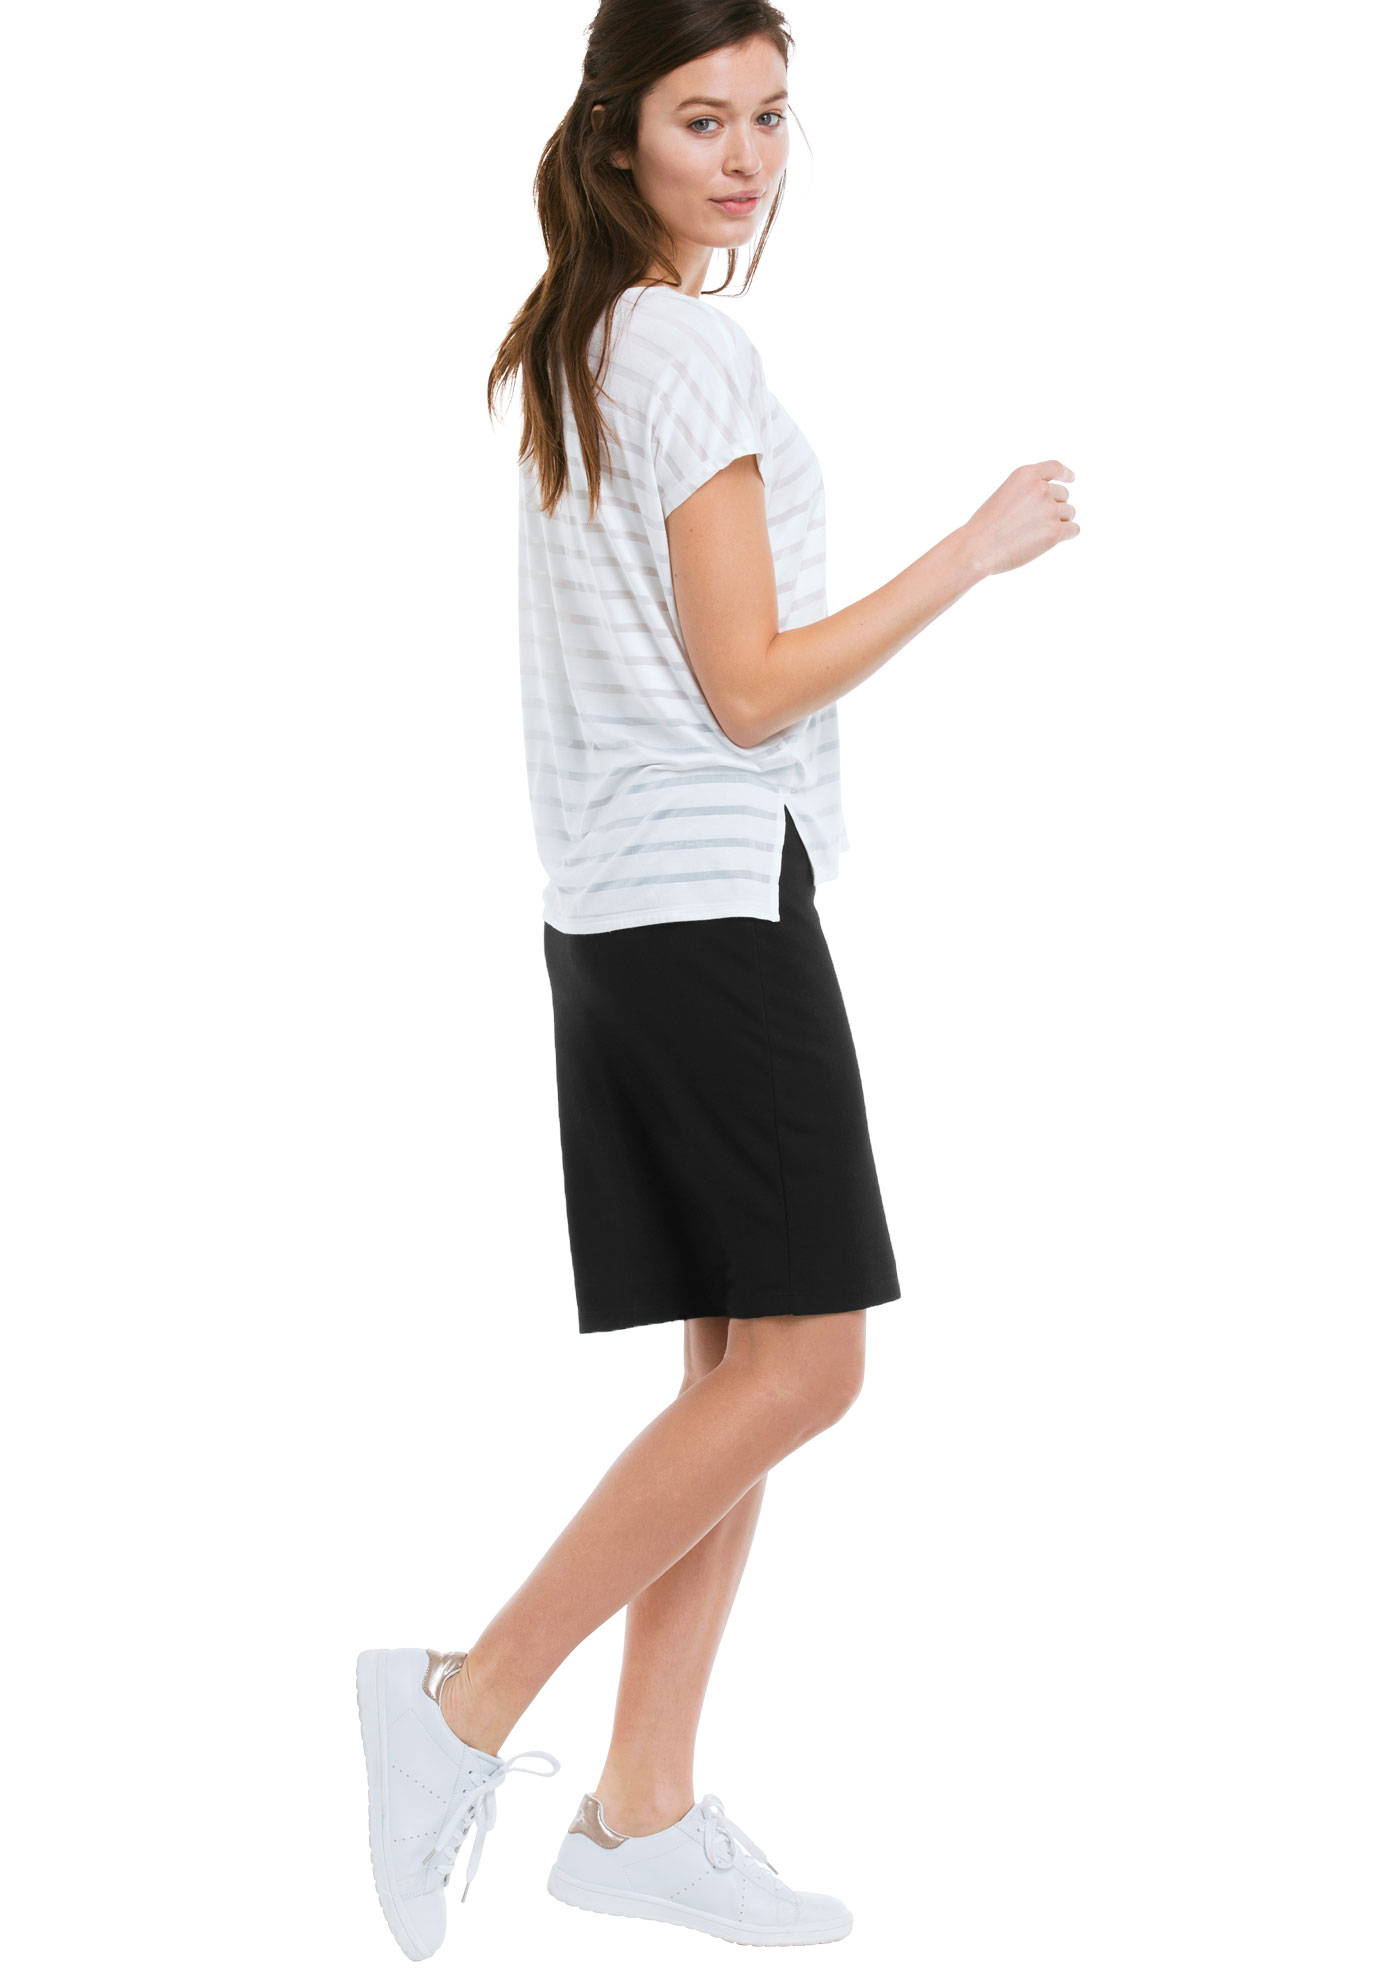 Pencil Skirt Video 34